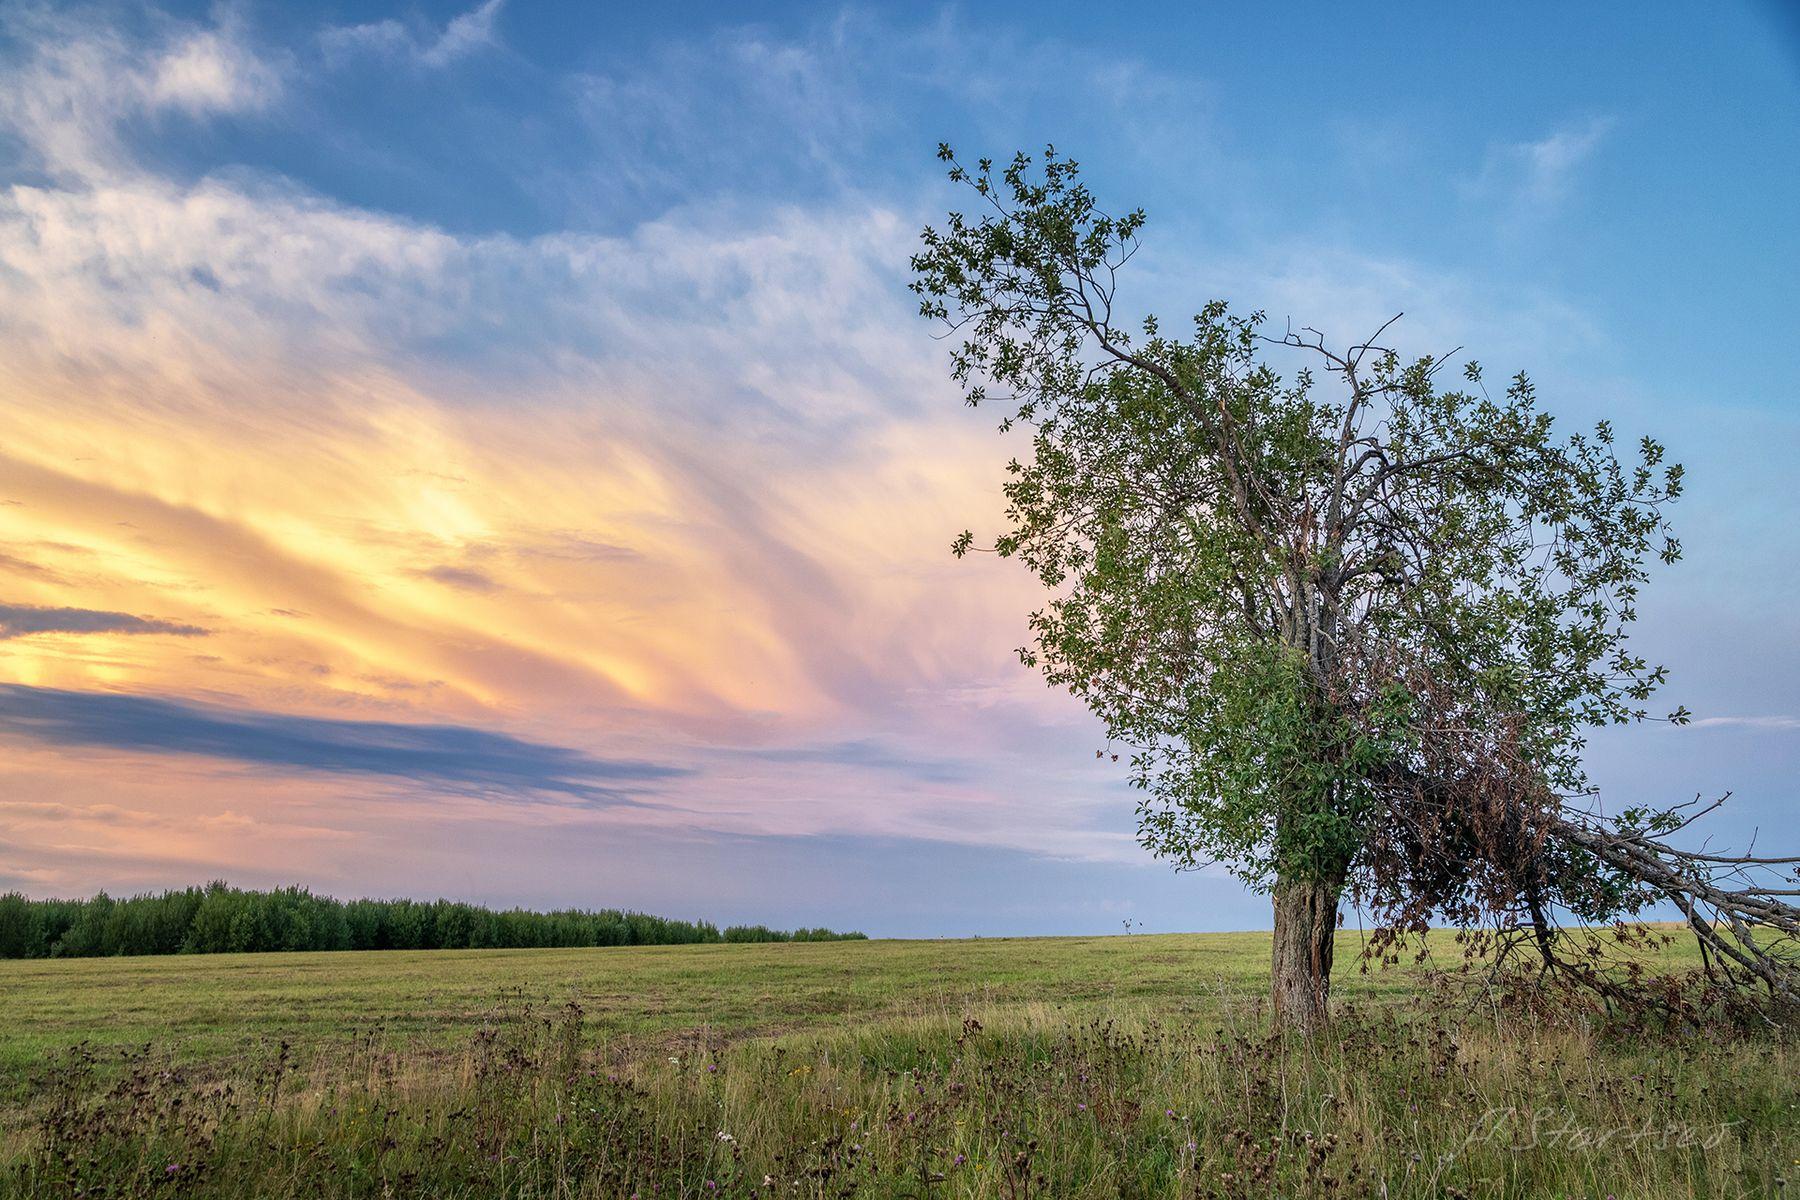 Сломанное дерево дерево лето пейзаж природа небо Пермский_край вечер закат